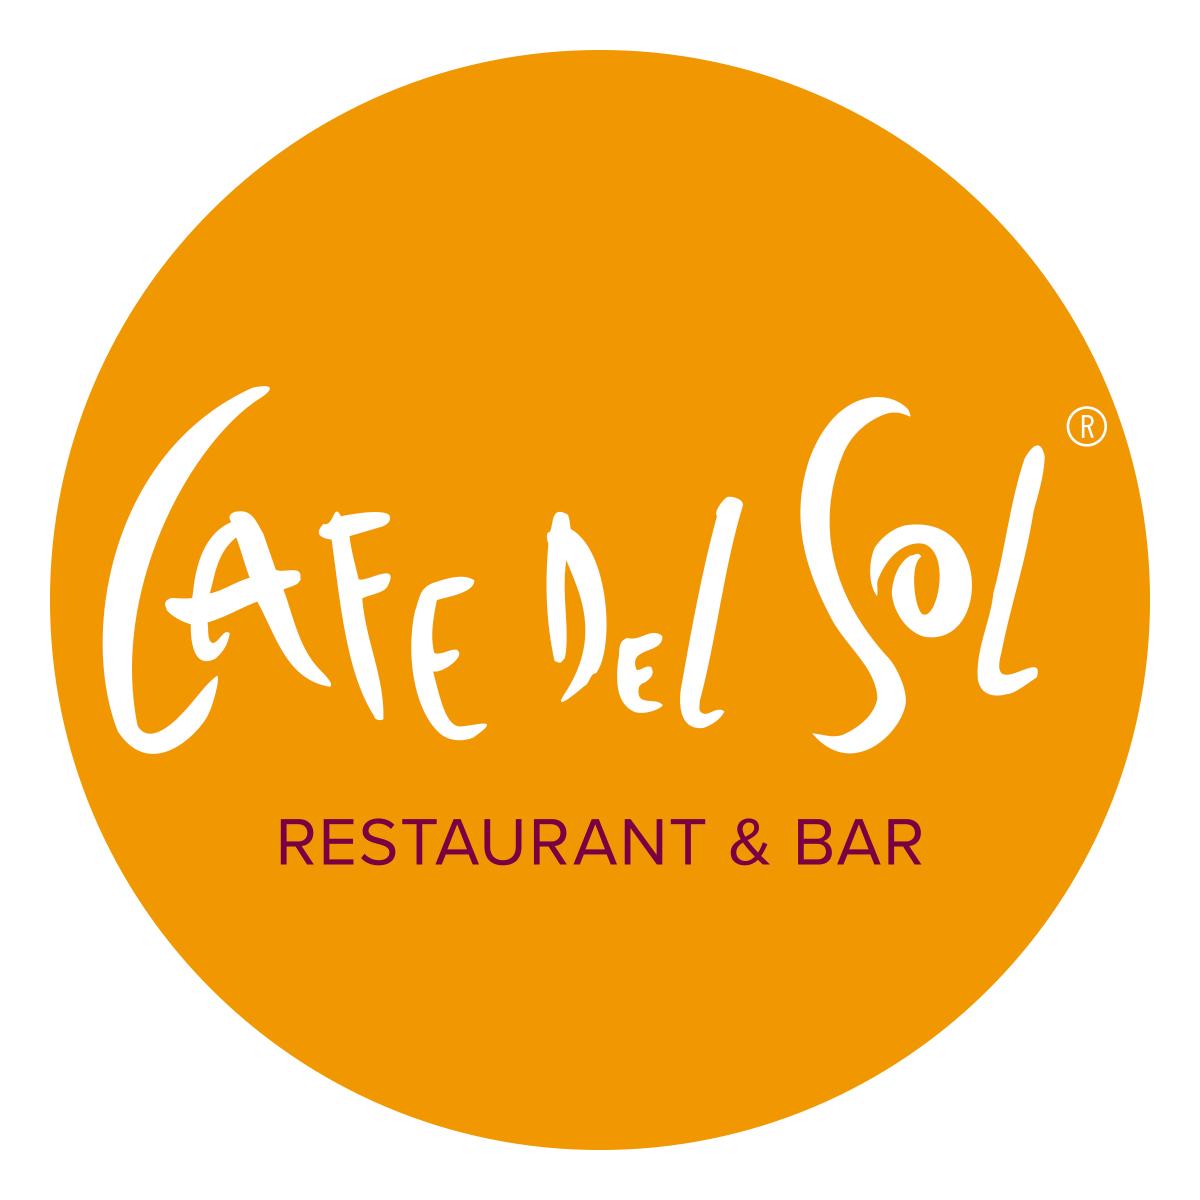 Cafe Del Sol Gelsenkirchen